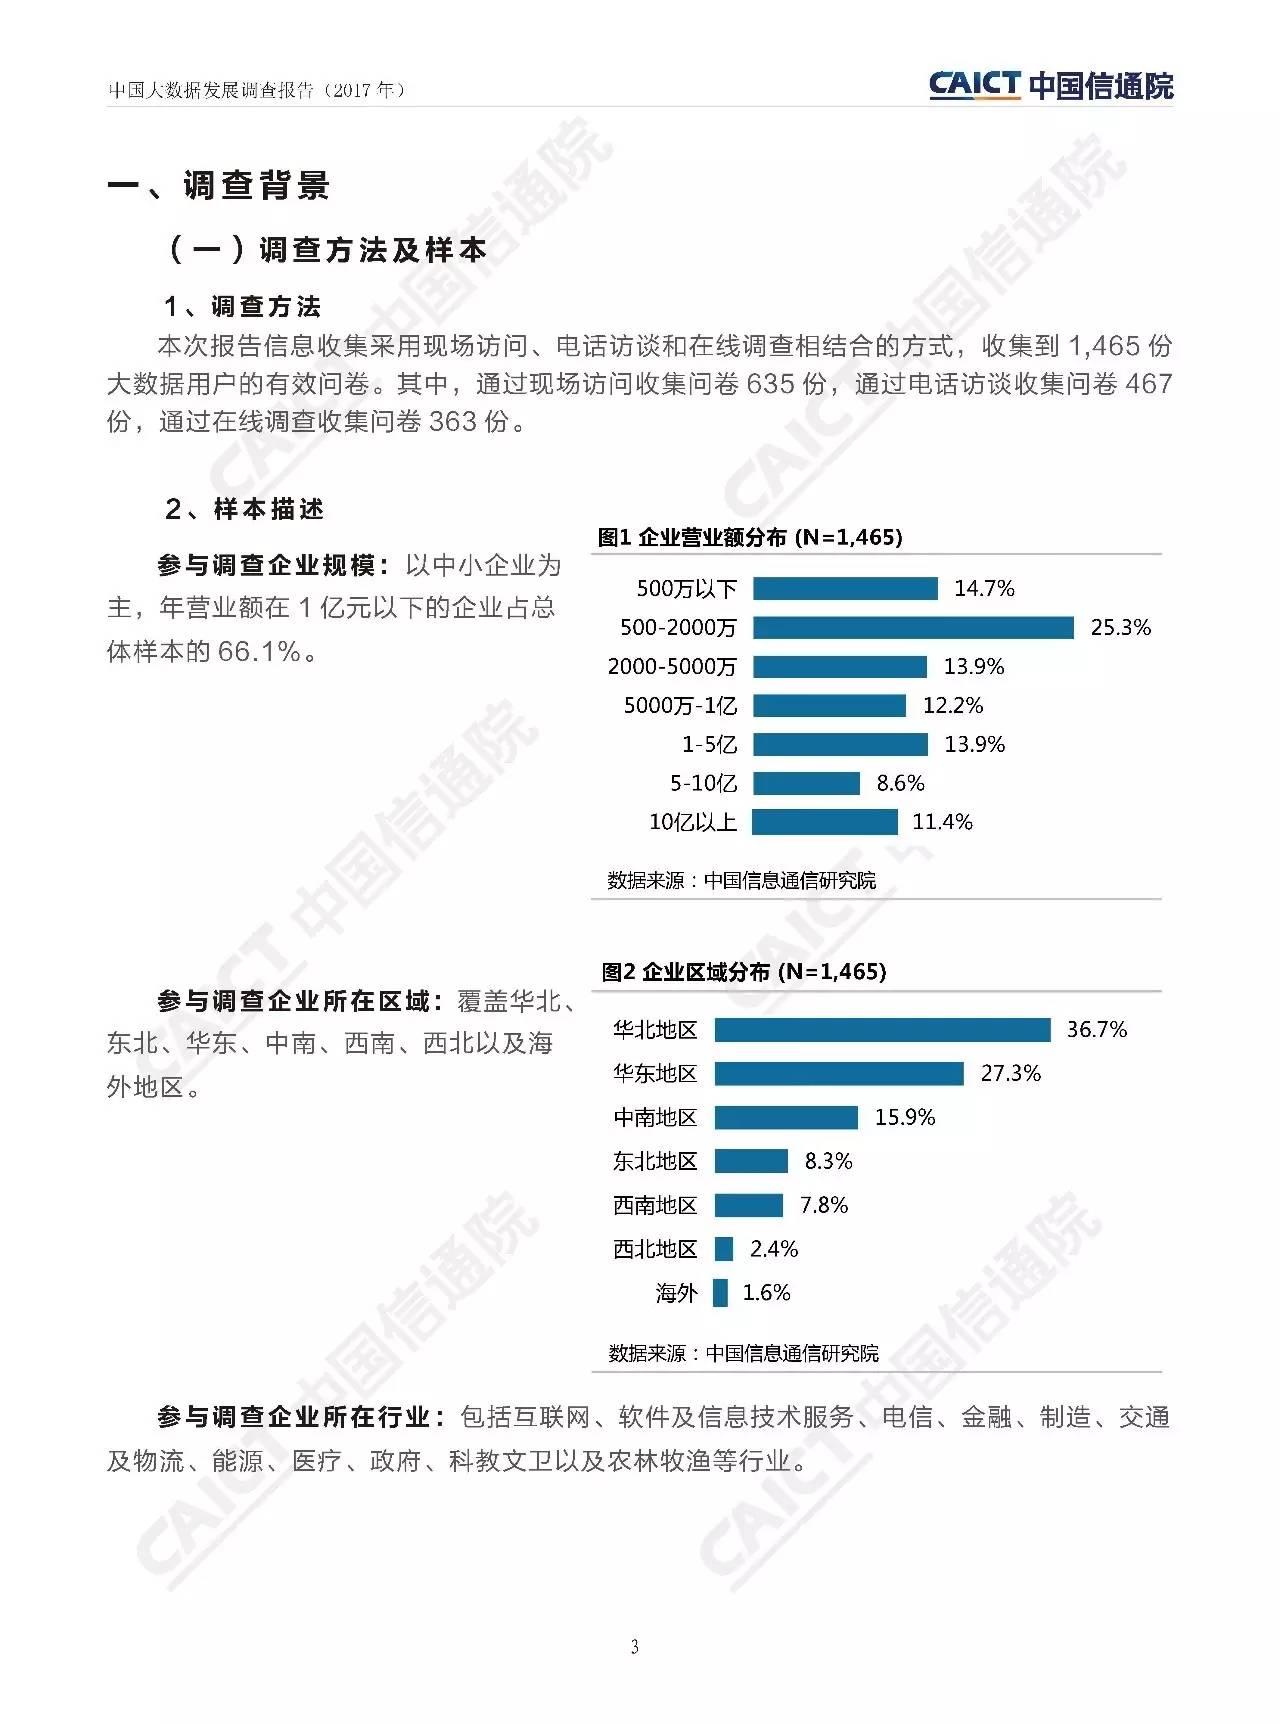 中国工信部电信院《中国大数据发展调查报告(2017年)》